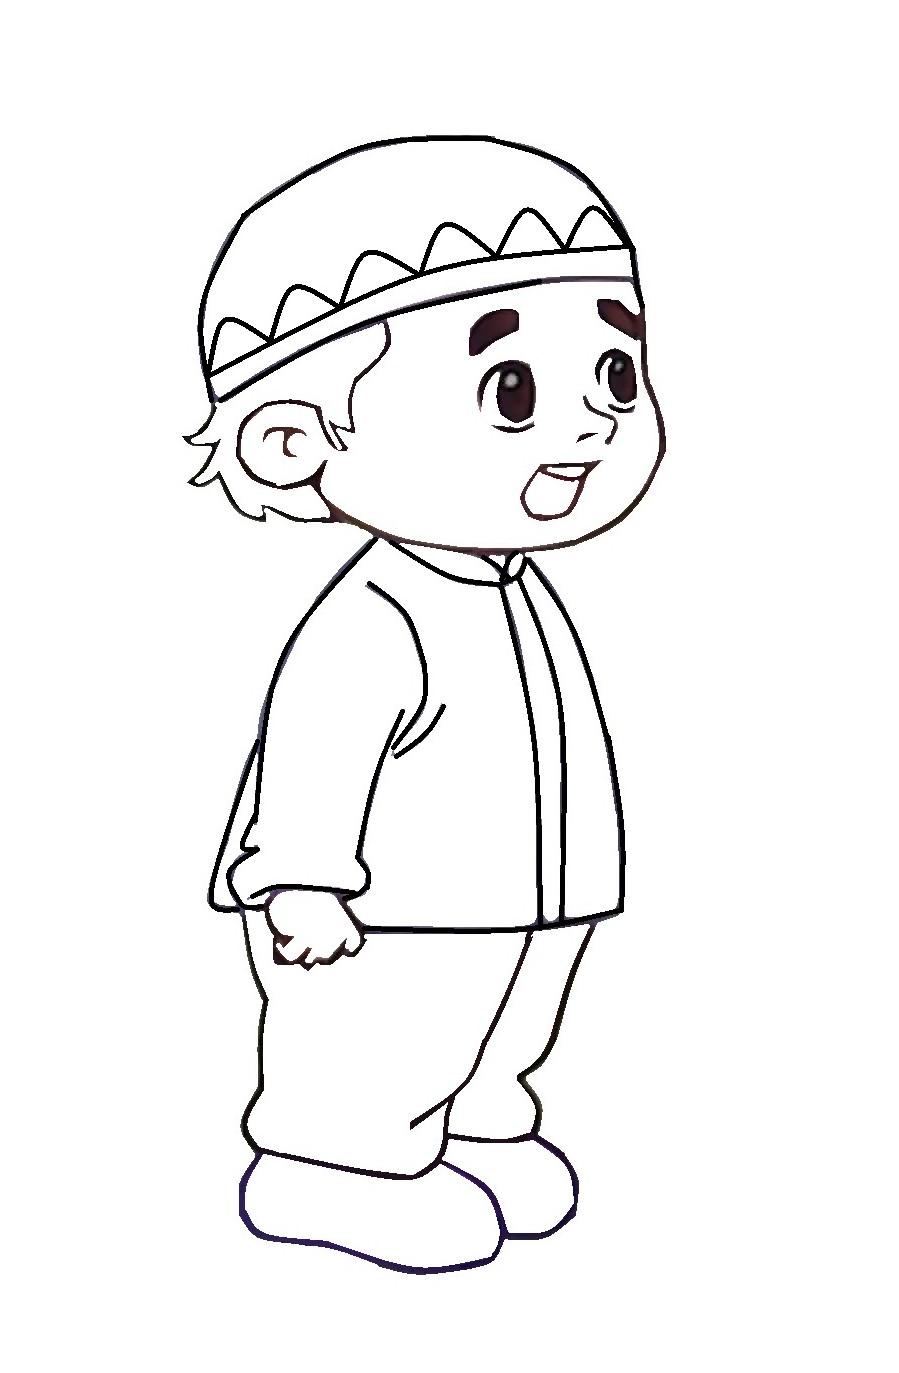 Gambar Mewarnai Kartun Muslim Terbaru Gambarcoloring